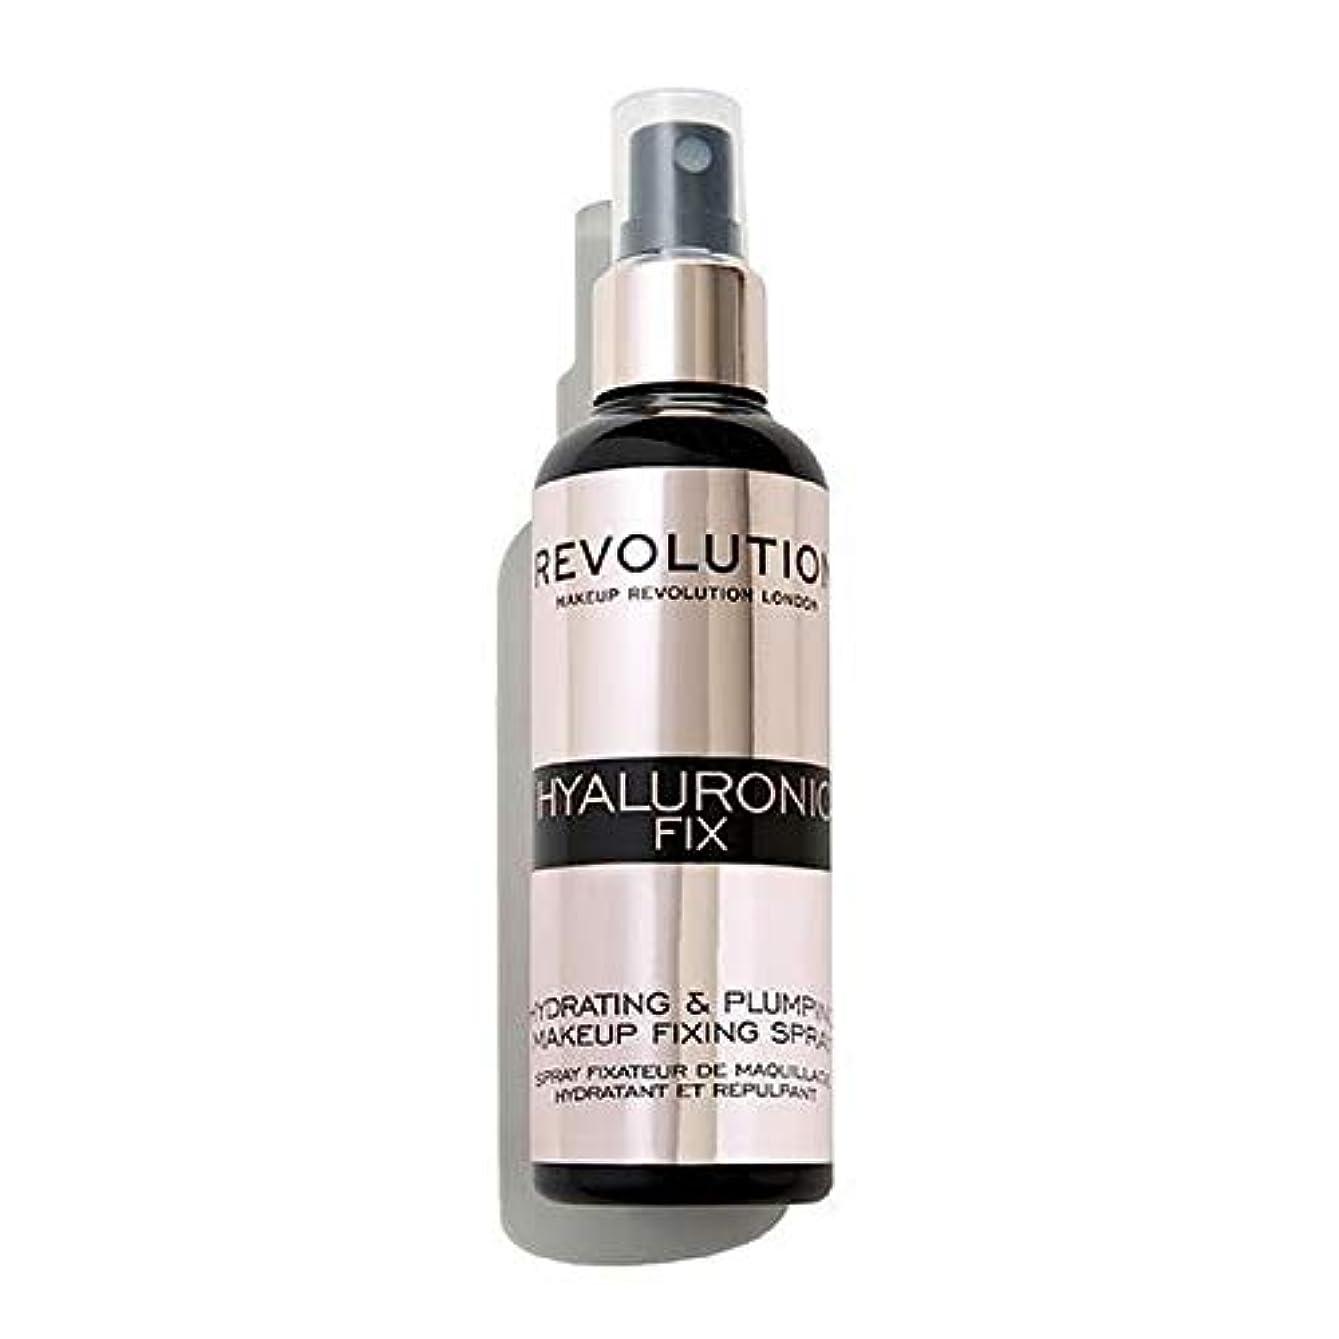 水を飲む文許可[Revolution ] 化粧革命ヒアルロン固定スプレー - Makeup Revolution Hyaluronic Fixing Spray [並行輸入品]